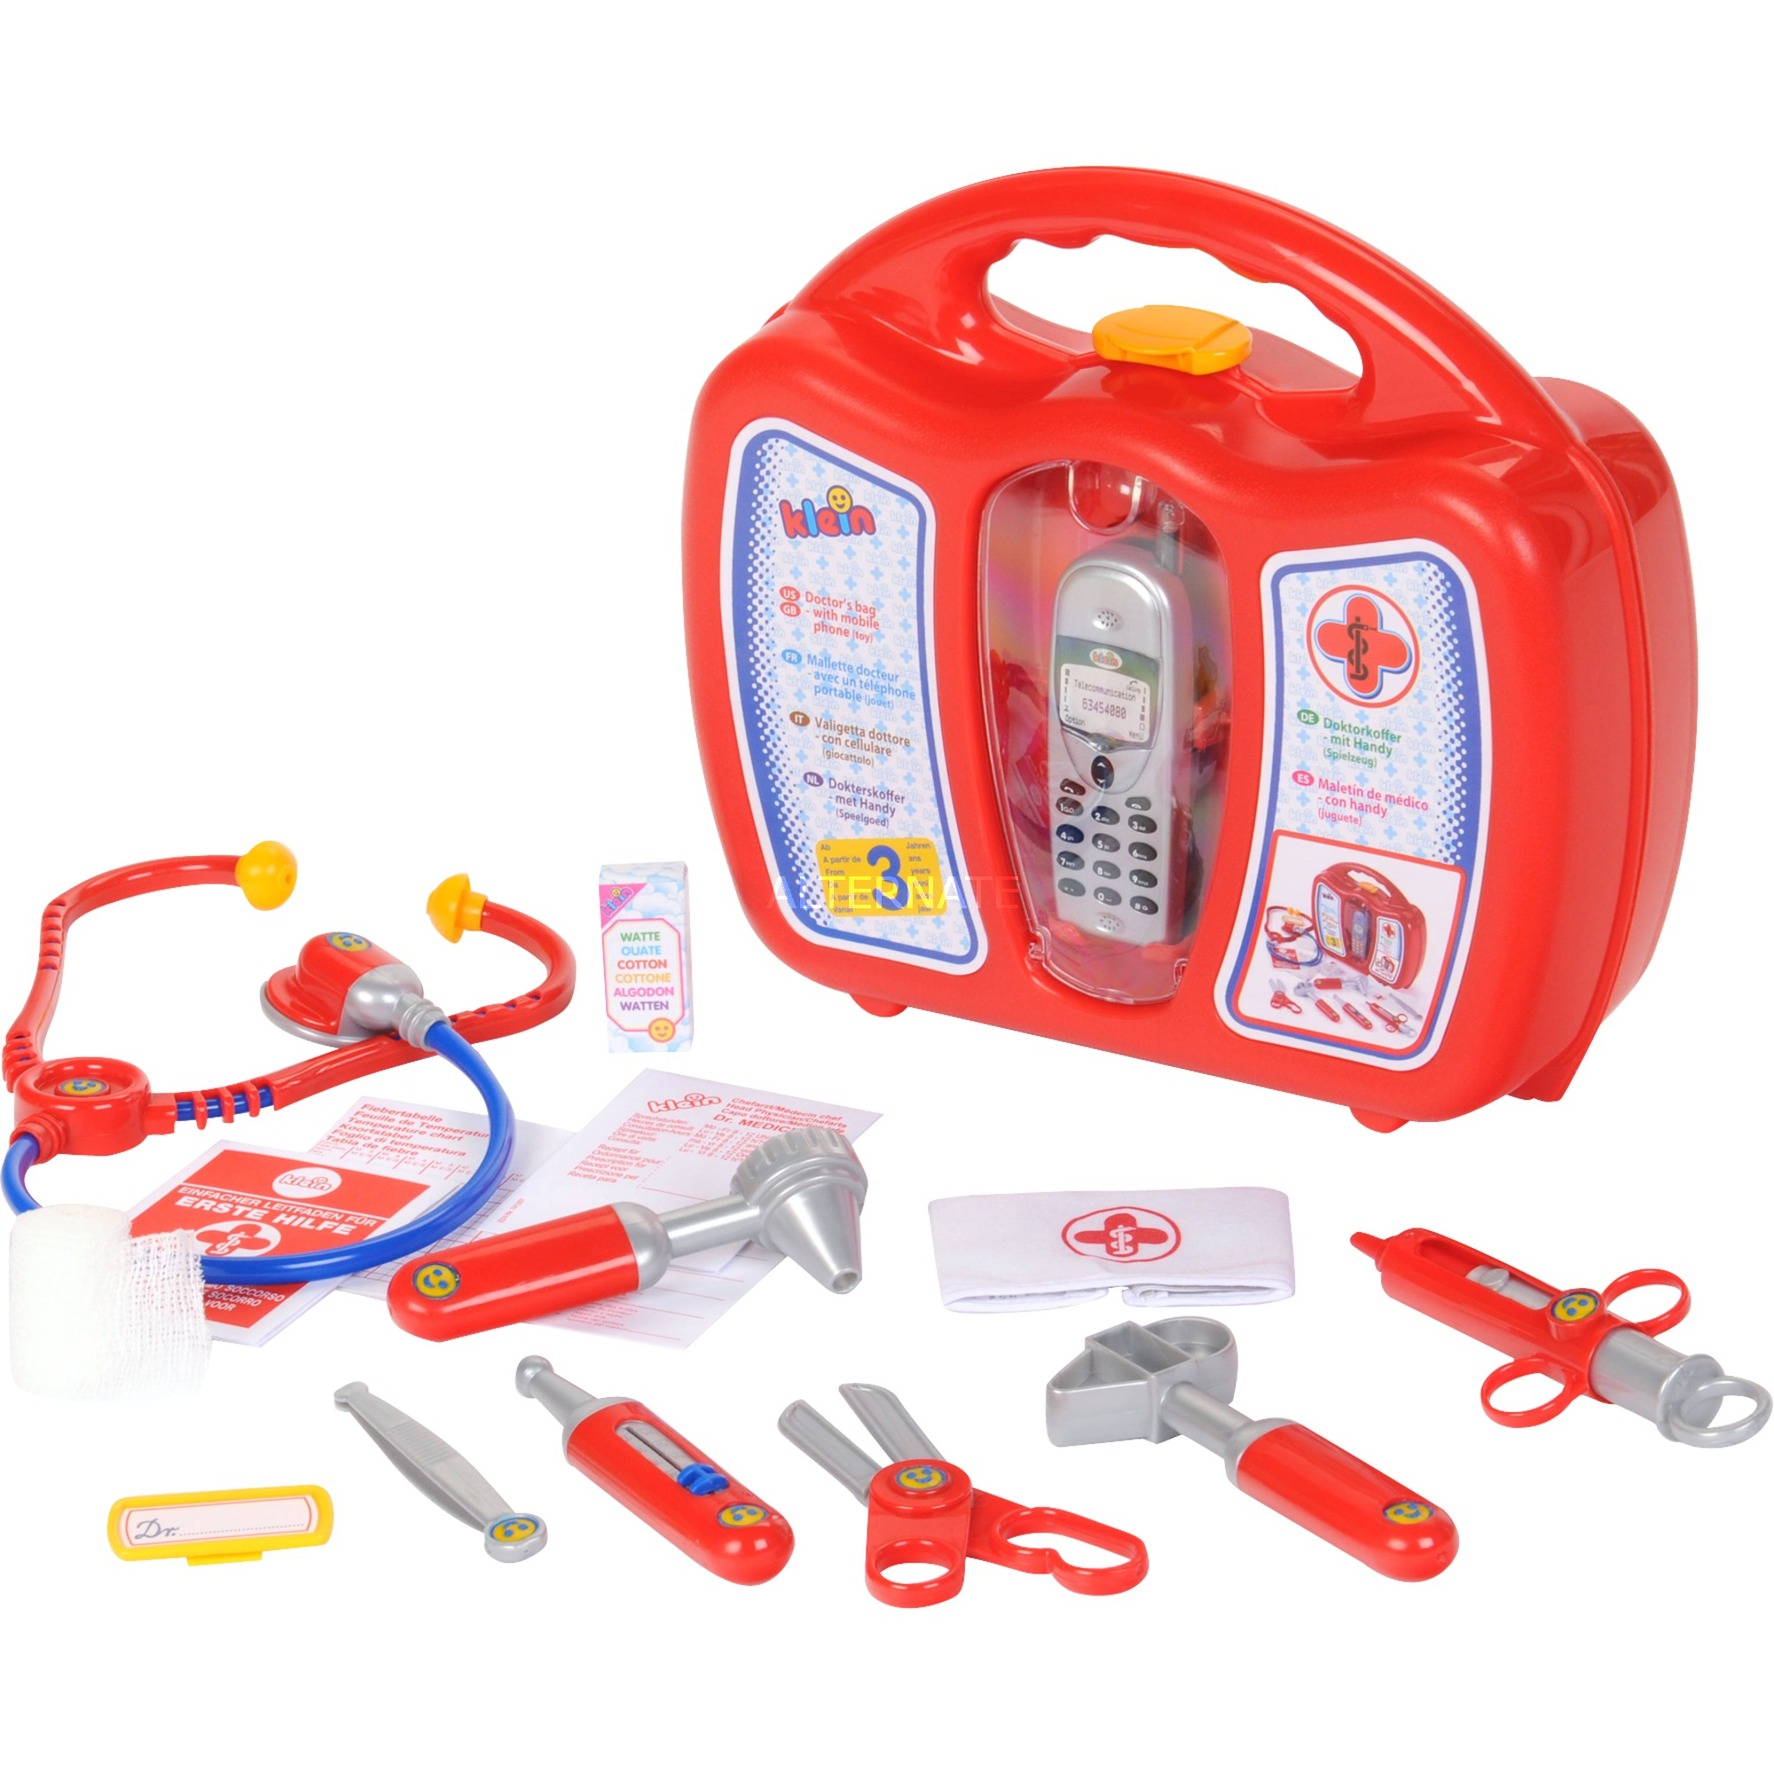 Image of Arztkoffer mit Handy, Rollenspiel